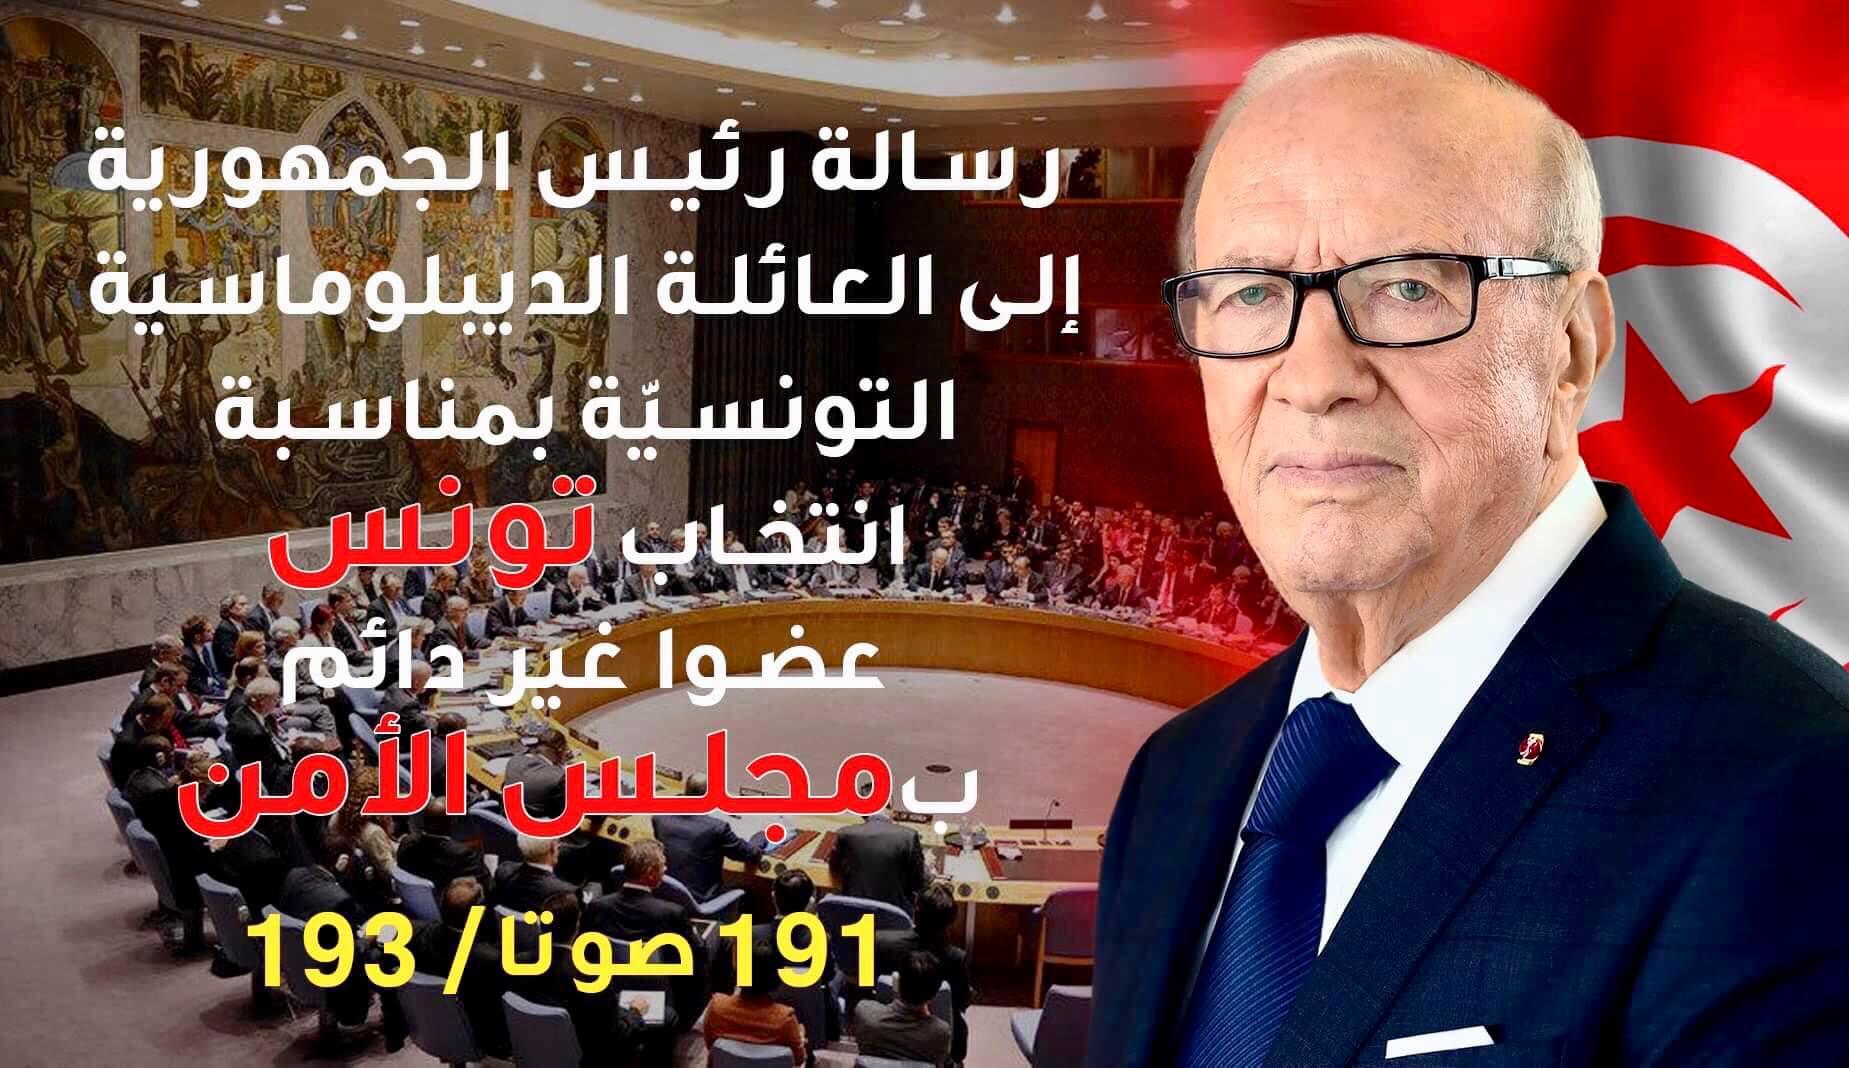 Tunisie- Le président de la République félicite le corps diplomatique tunisien